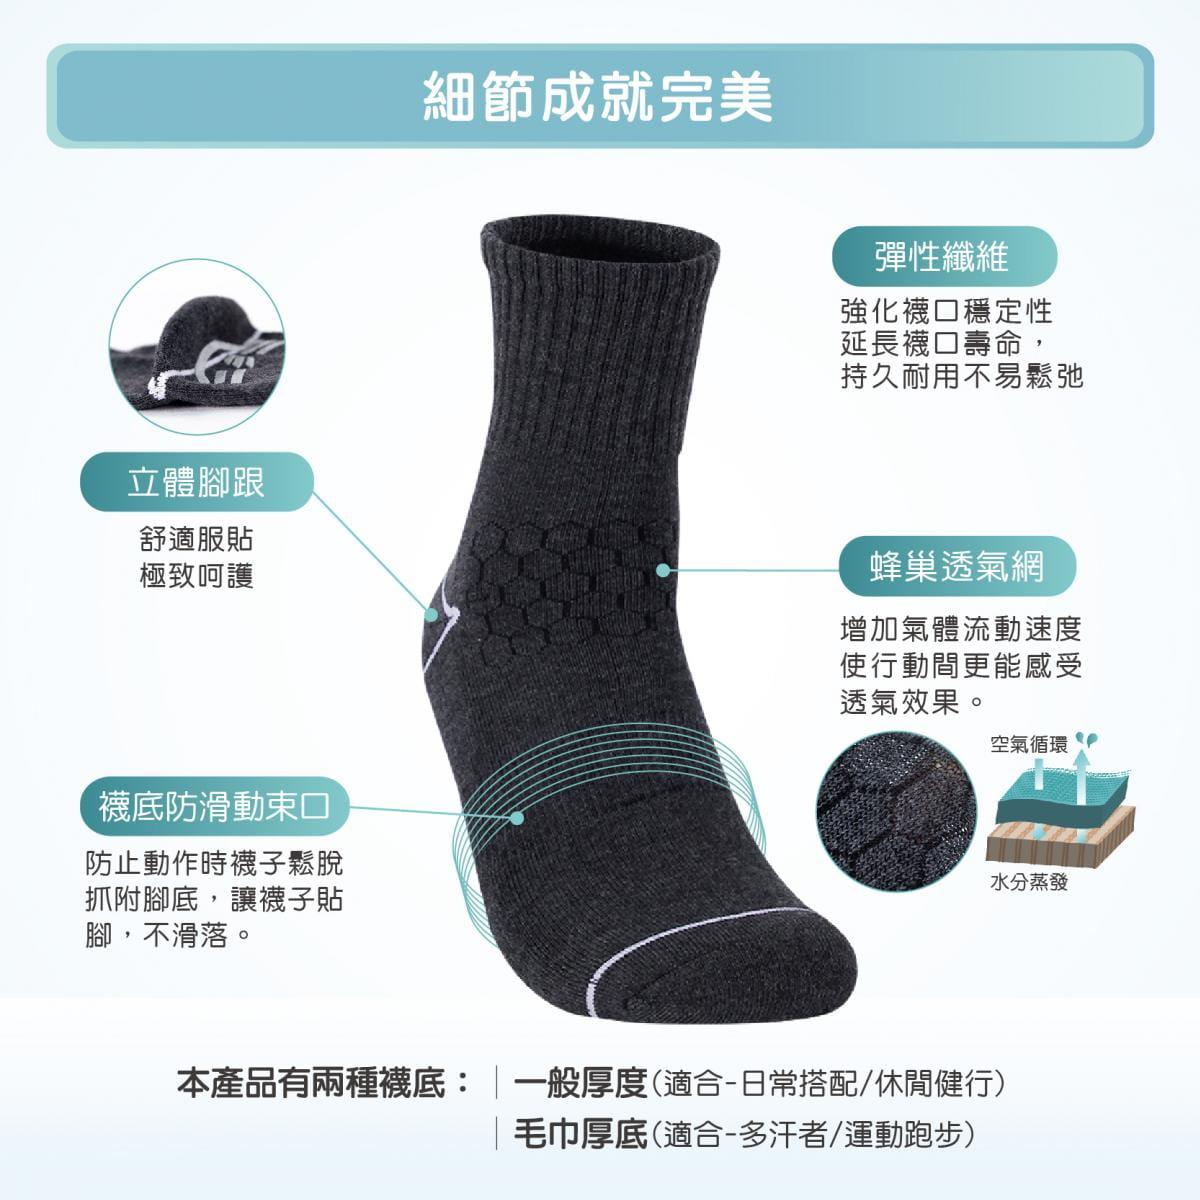 【FAV】防滑運動襪 1